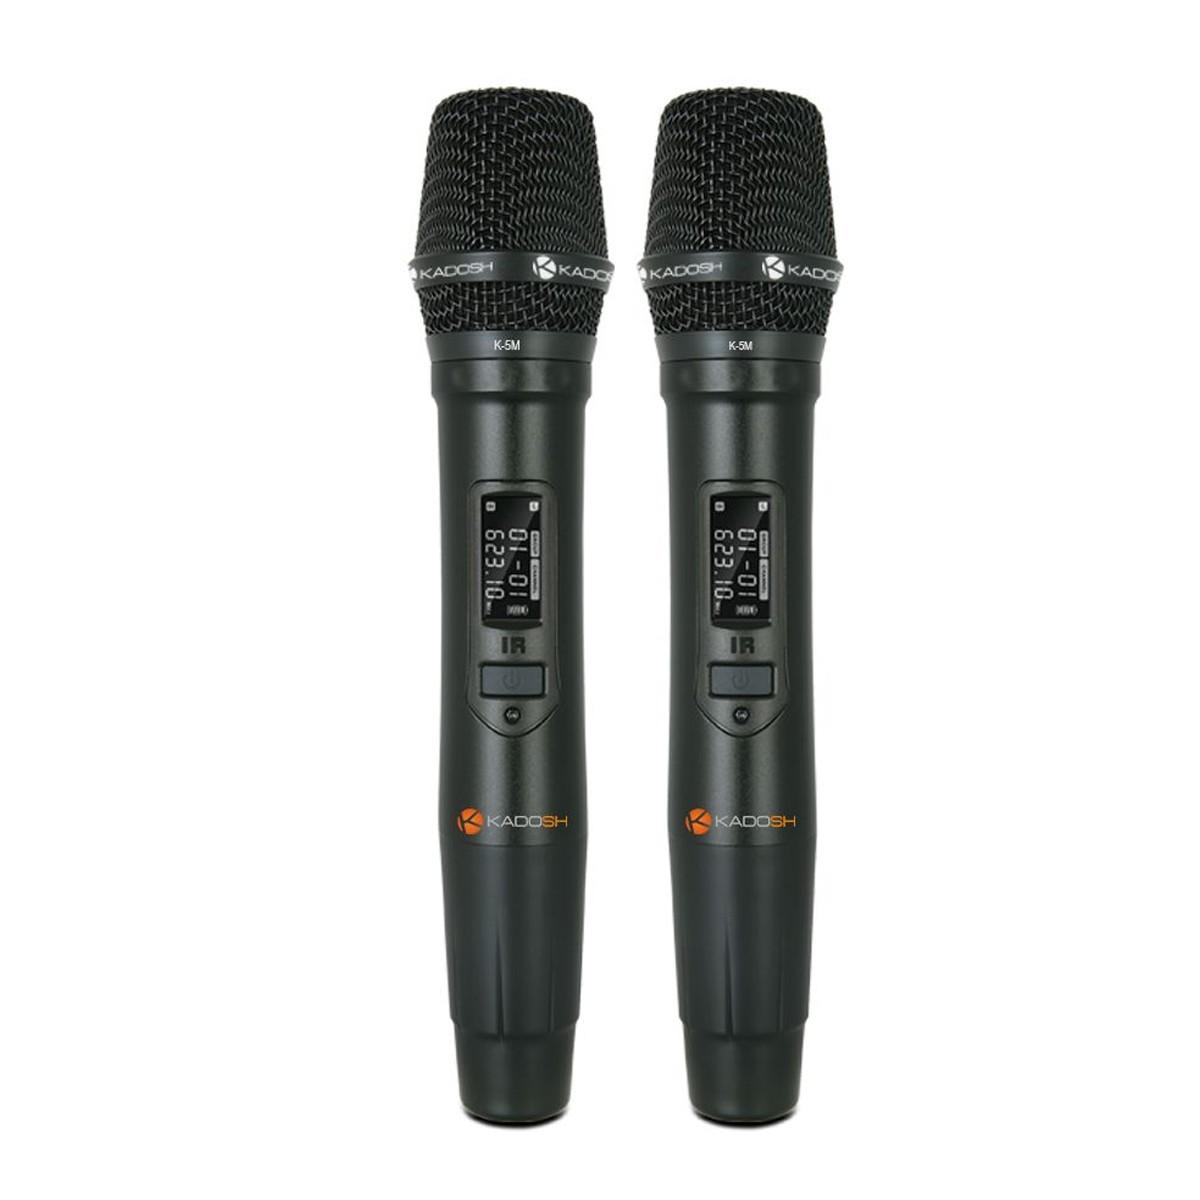 Microfone sem fio Duplo Kadosh K502M 2 microfones mão